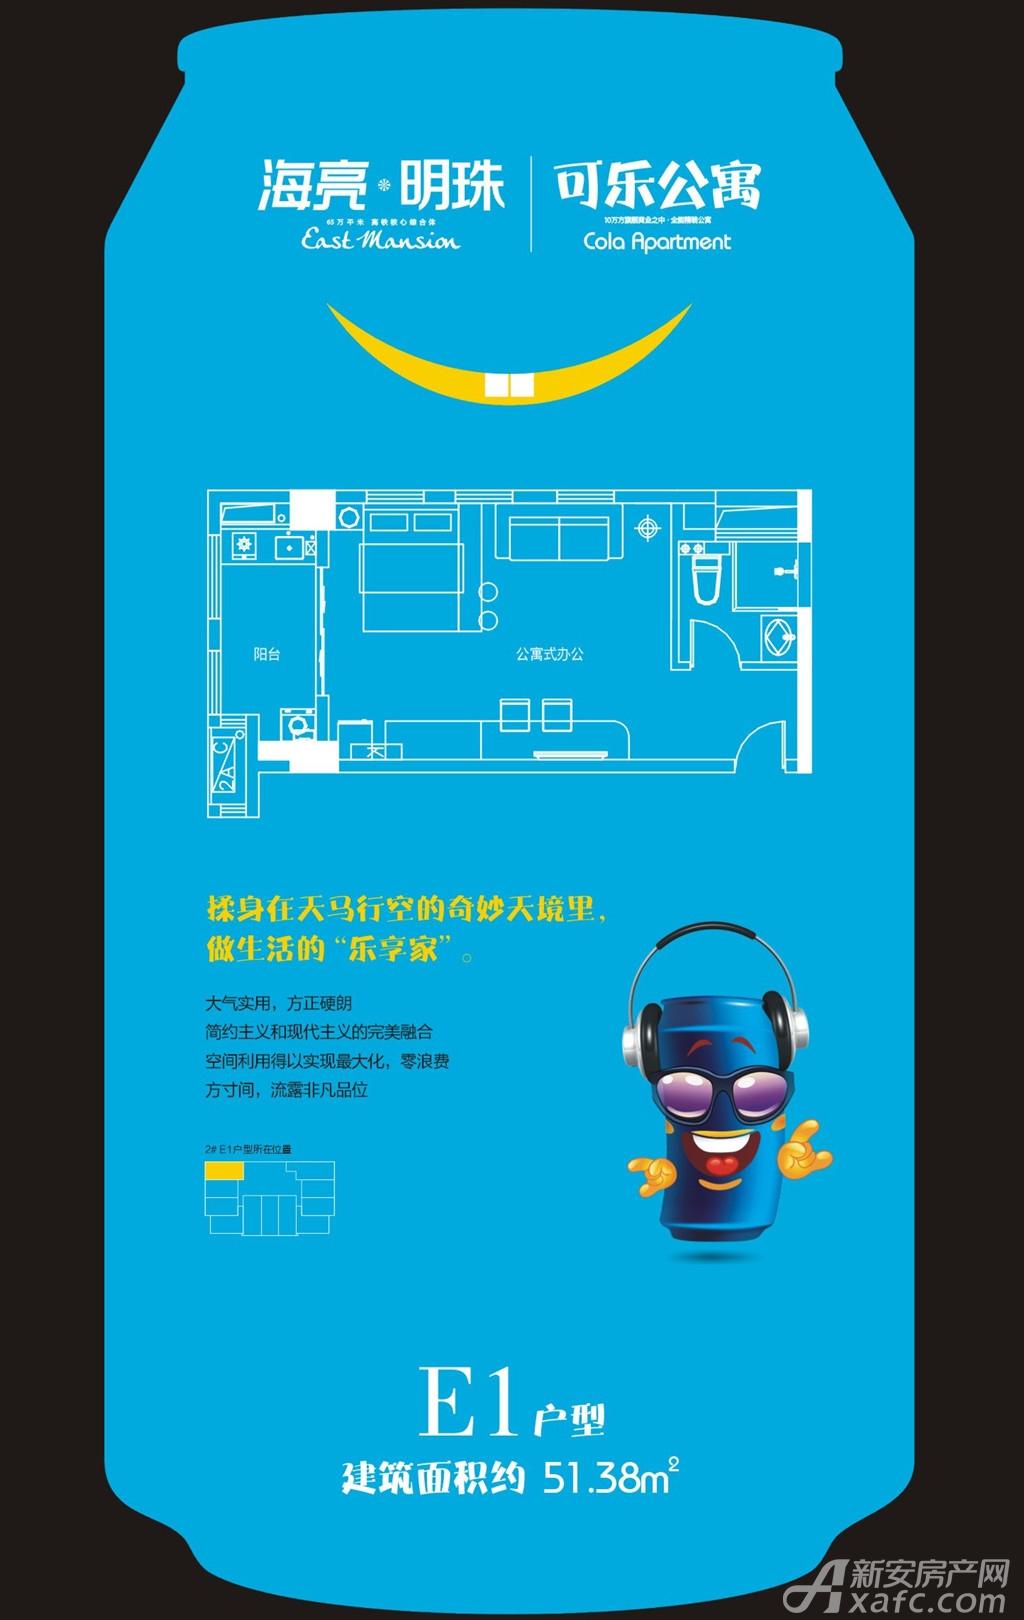 海亮明珠E1(公寓)户型1室1厅51.38平米